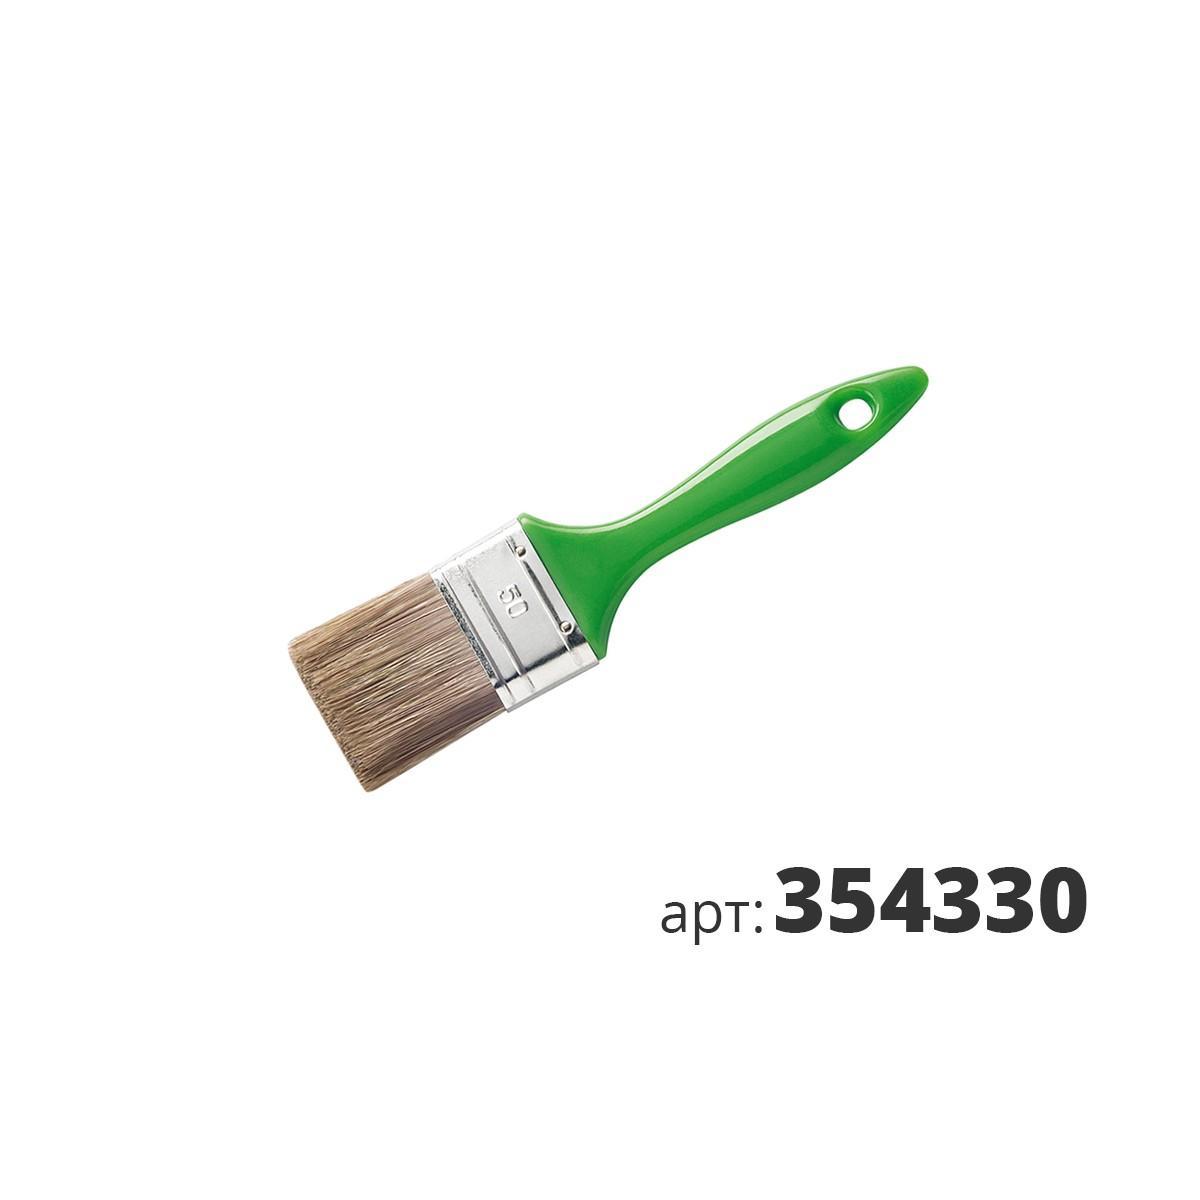 МАКО кисть плоская,смесь полиэстер и натуральной щетины 354330